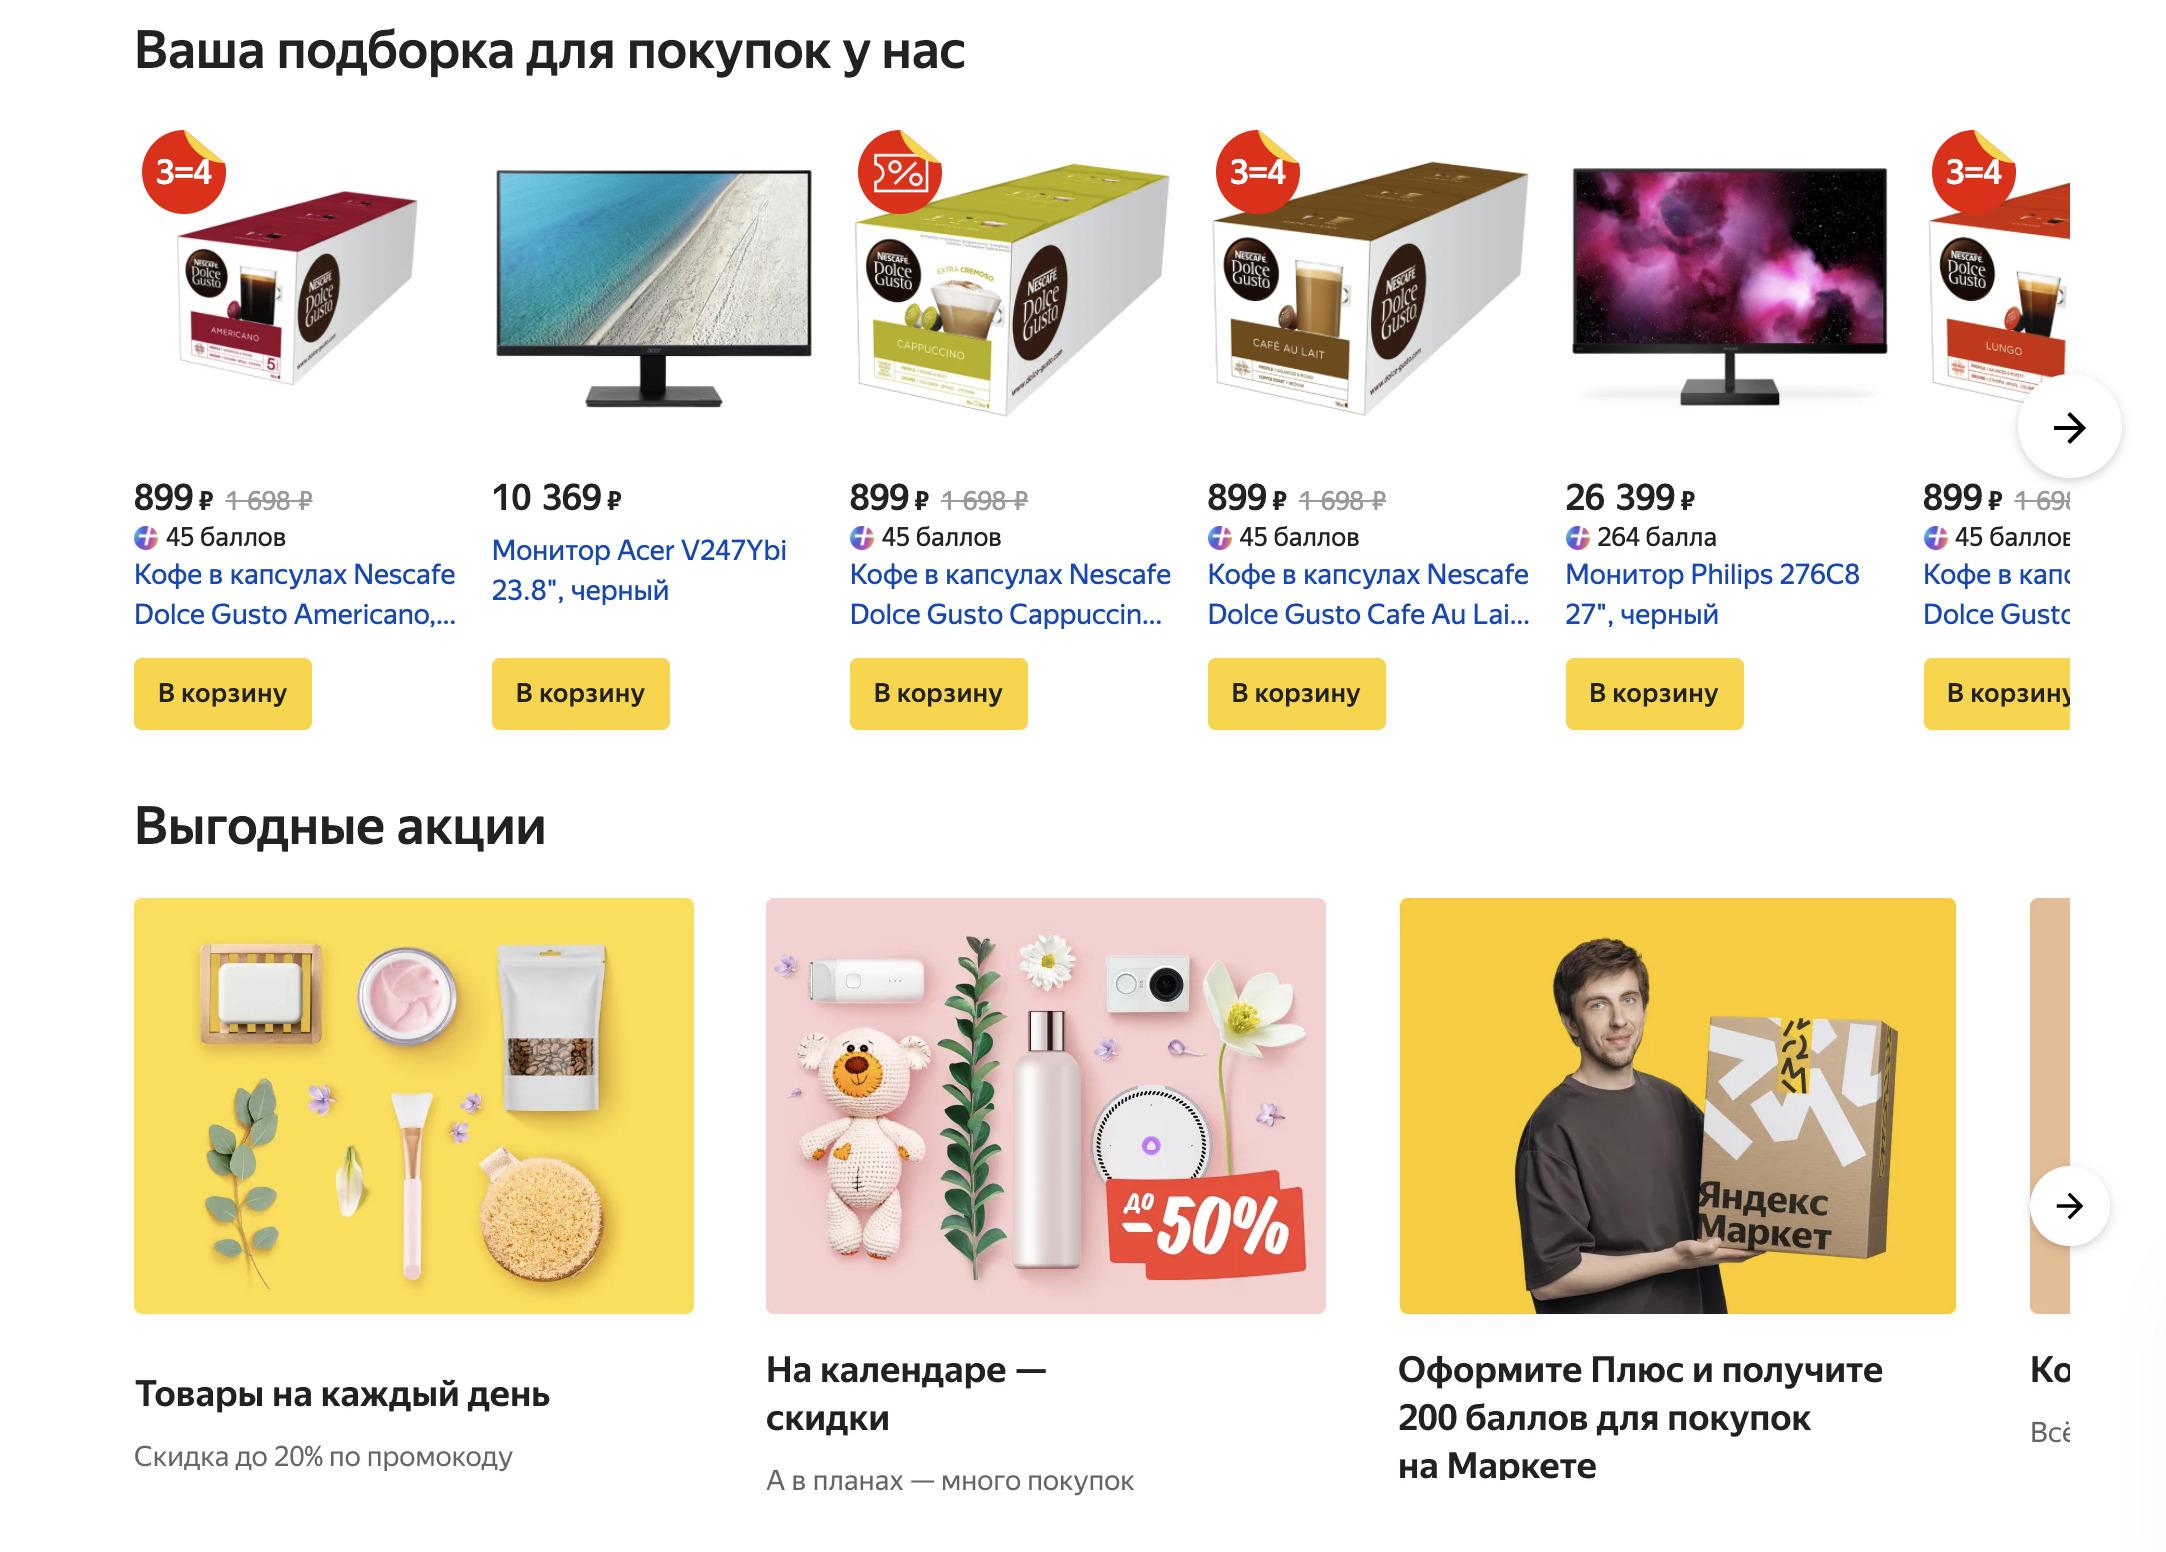 Доставка из Яндекс.Маркет в Краснокамск, сроки, пункты выдачи, каталог